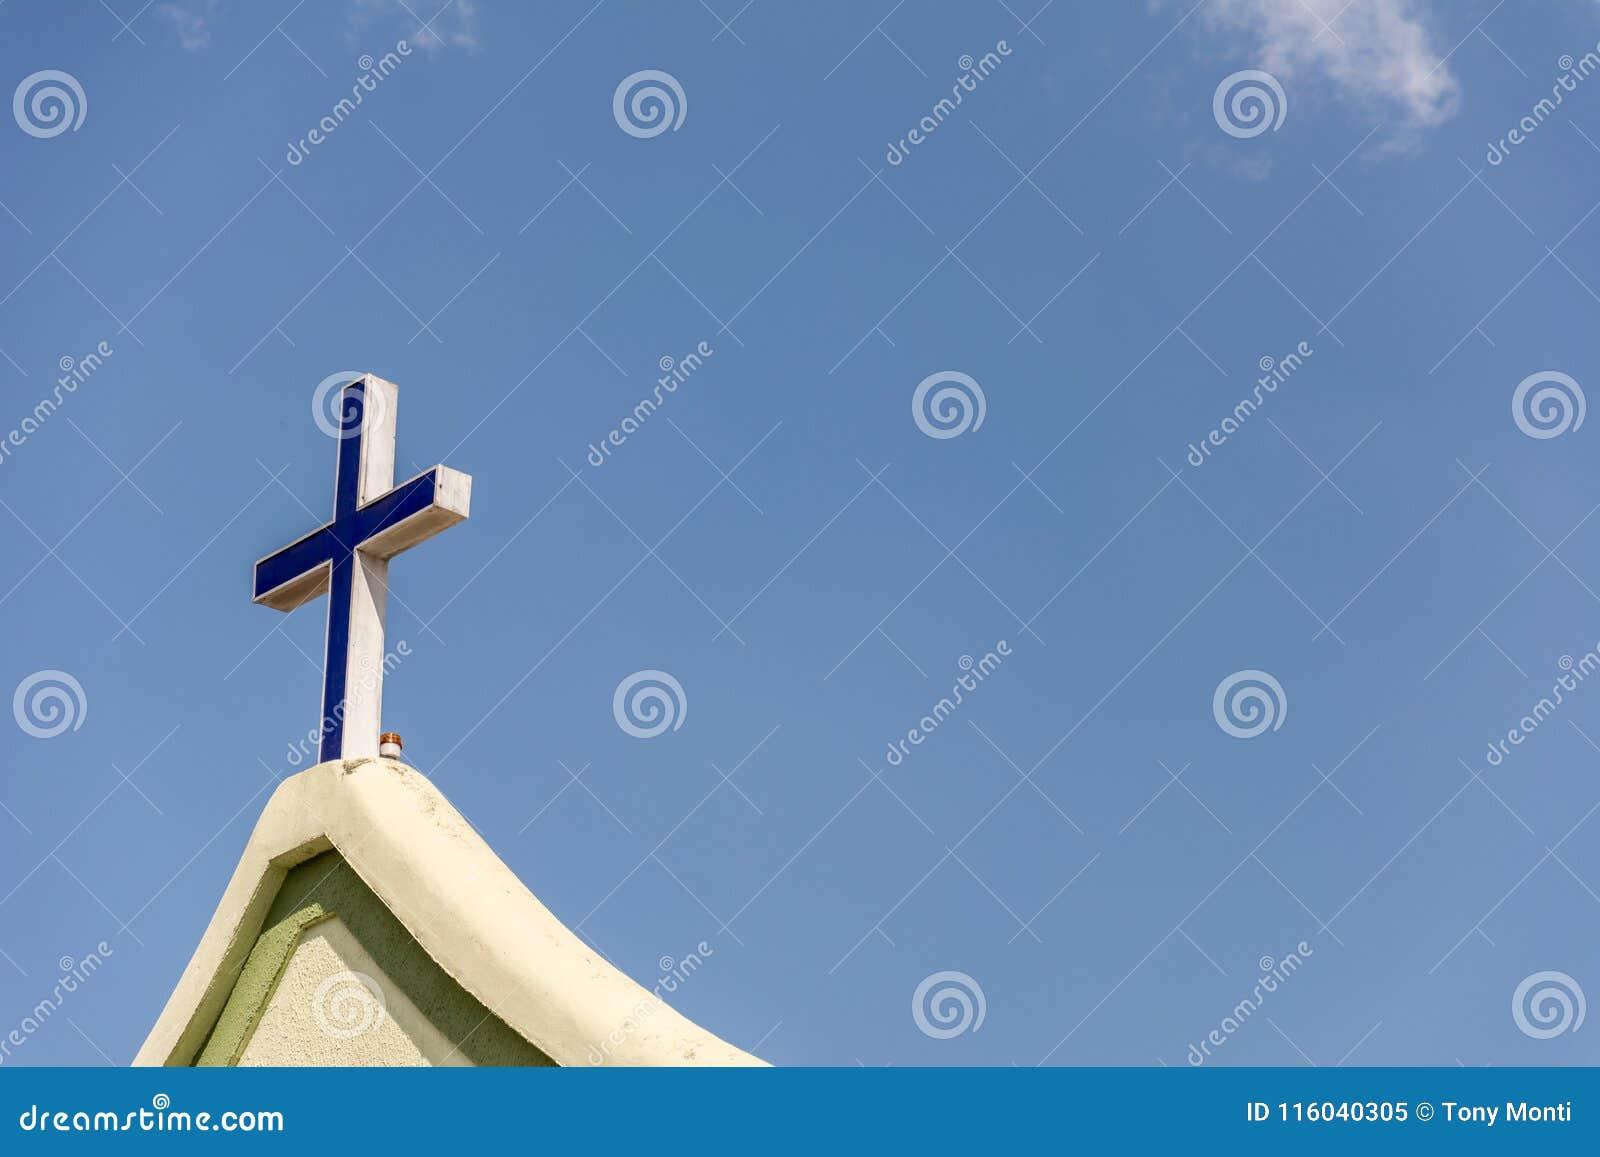 La cruz en el frente de una iglesia